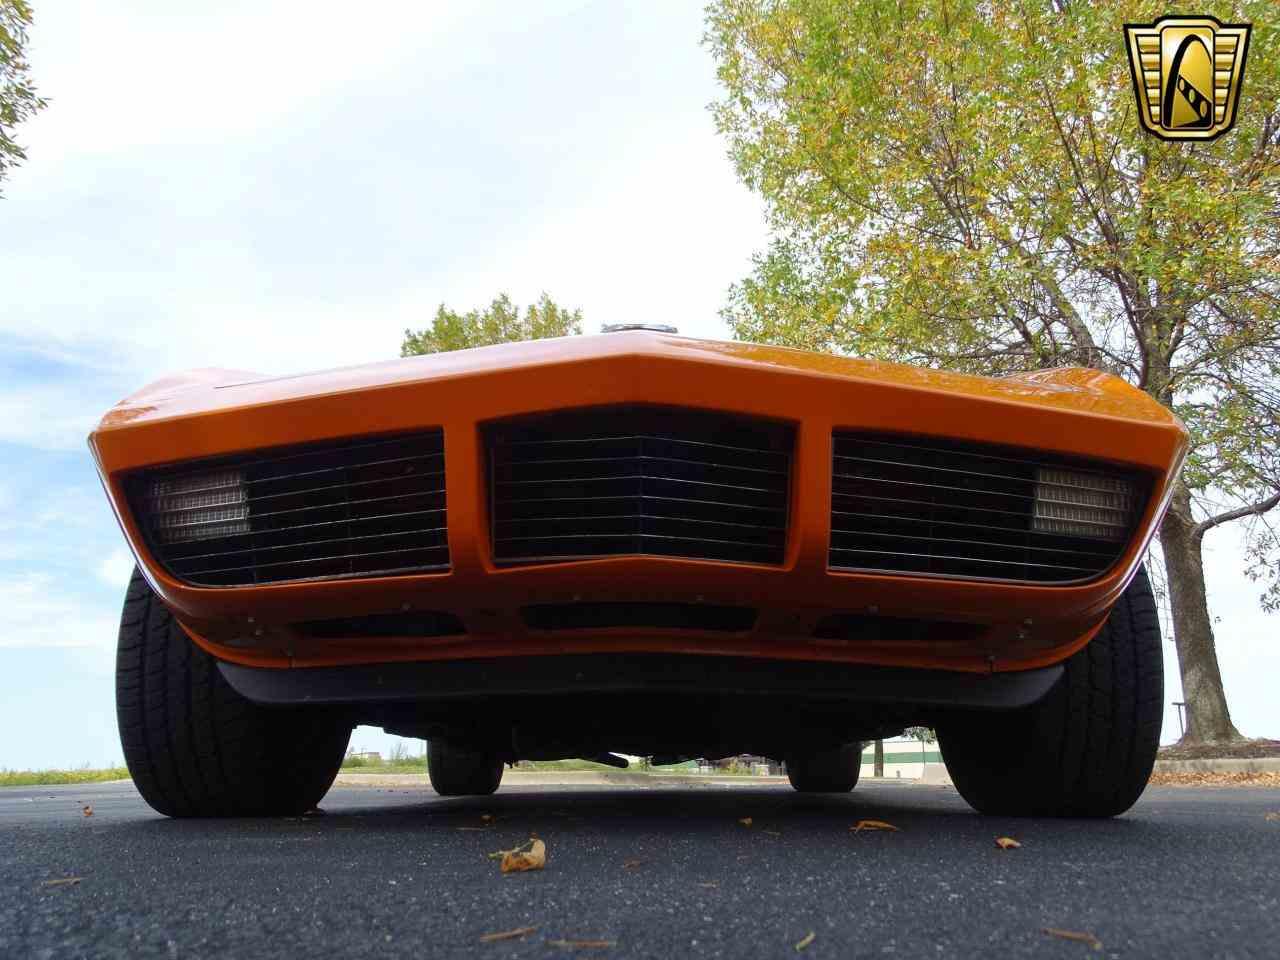 Large Picture of 1973 Chevrolet Corvette located in O'Fallon Illinois - $20,995.00 - KJUW